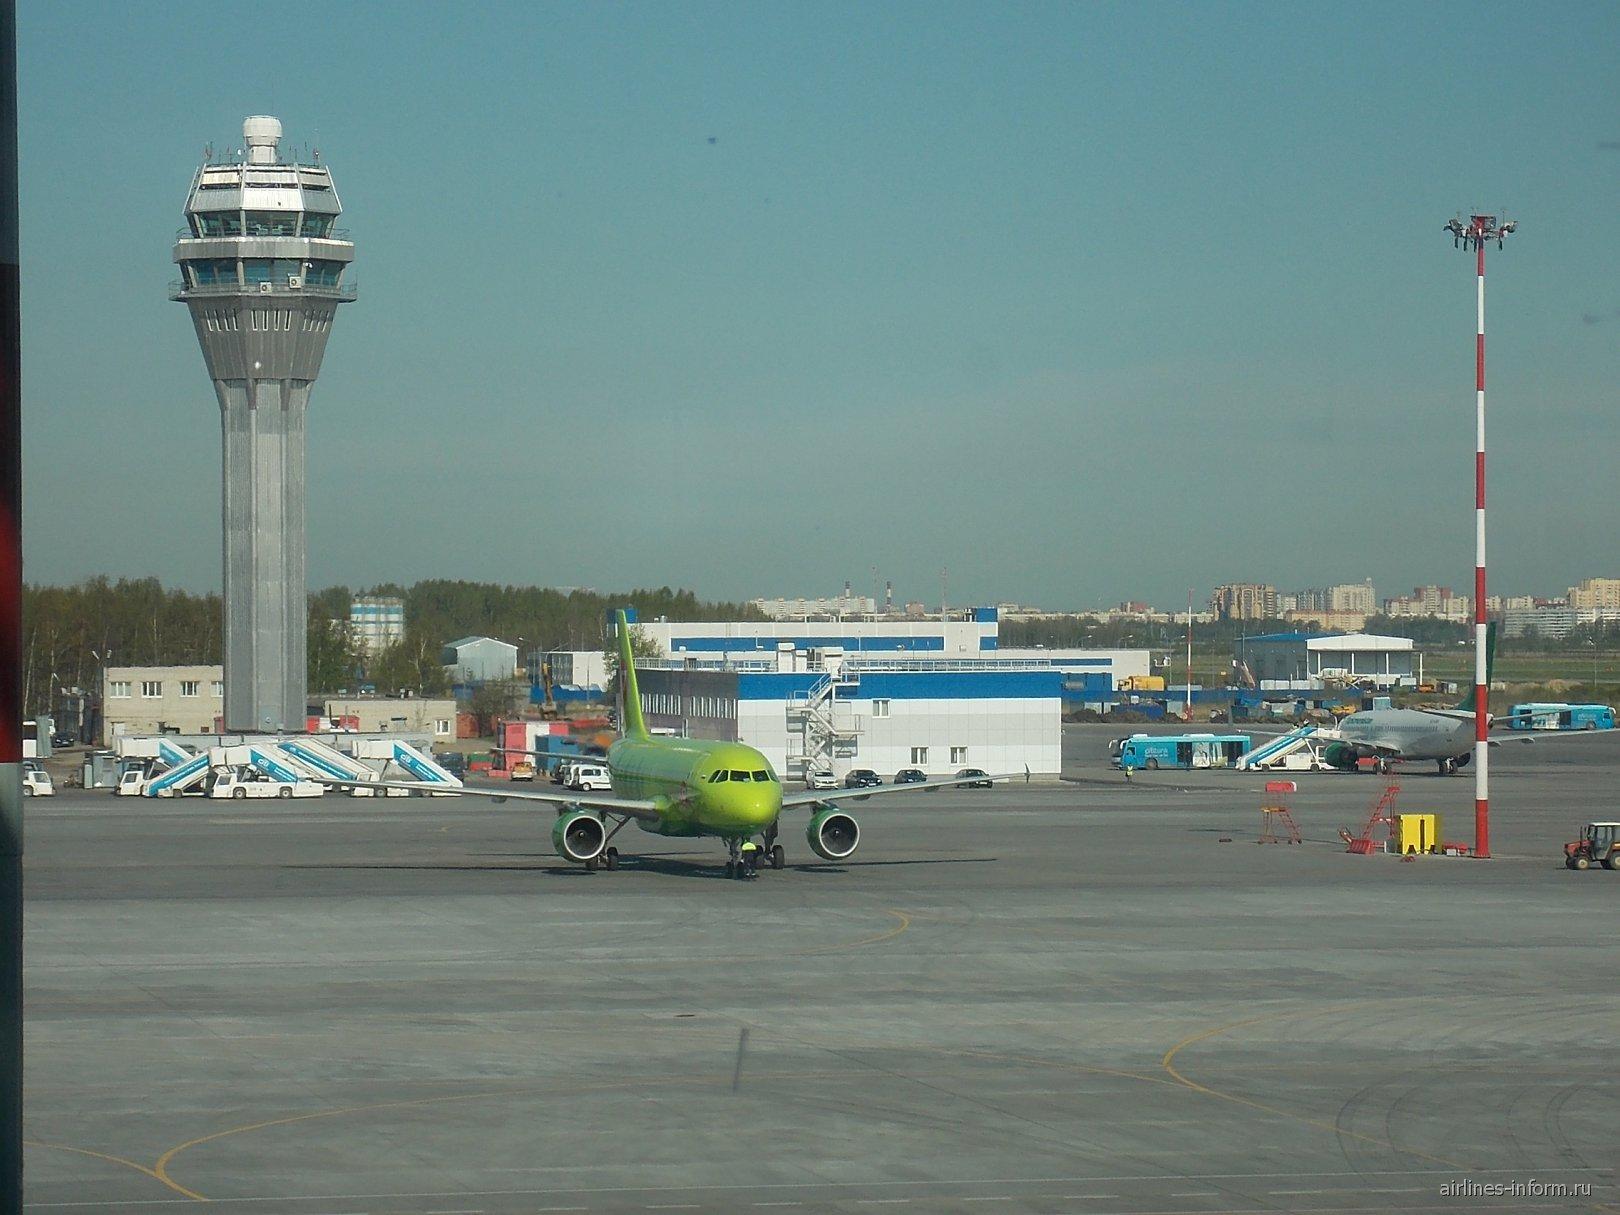 Летное поле и диспетчерская вышка в аэропорту Санкт-Петербург Пулково